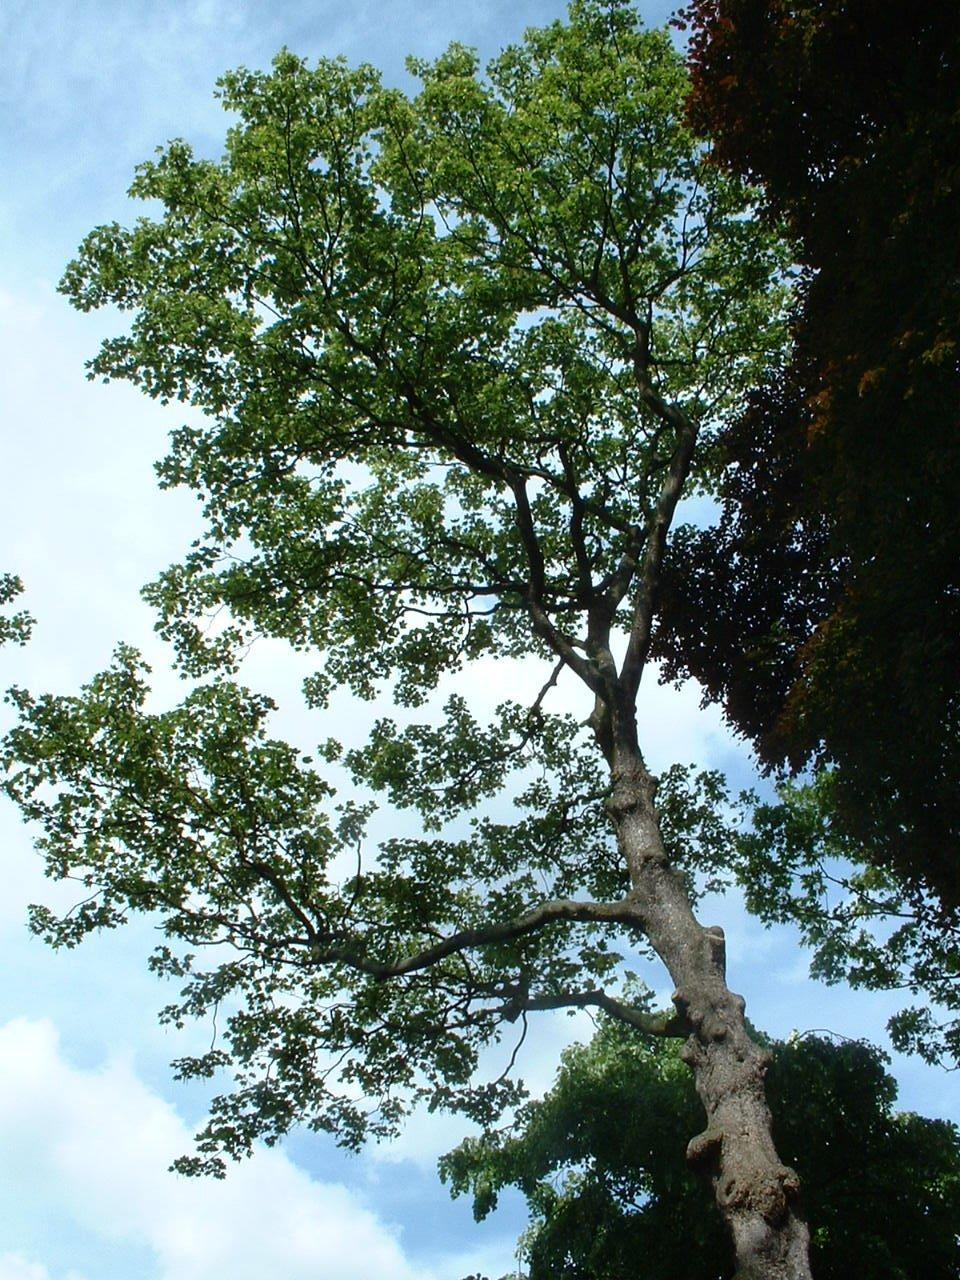 Erable sycomore – Saint-Josse-Ten-Noode, Rue de l'Union, 31 –  13 Mai 2002